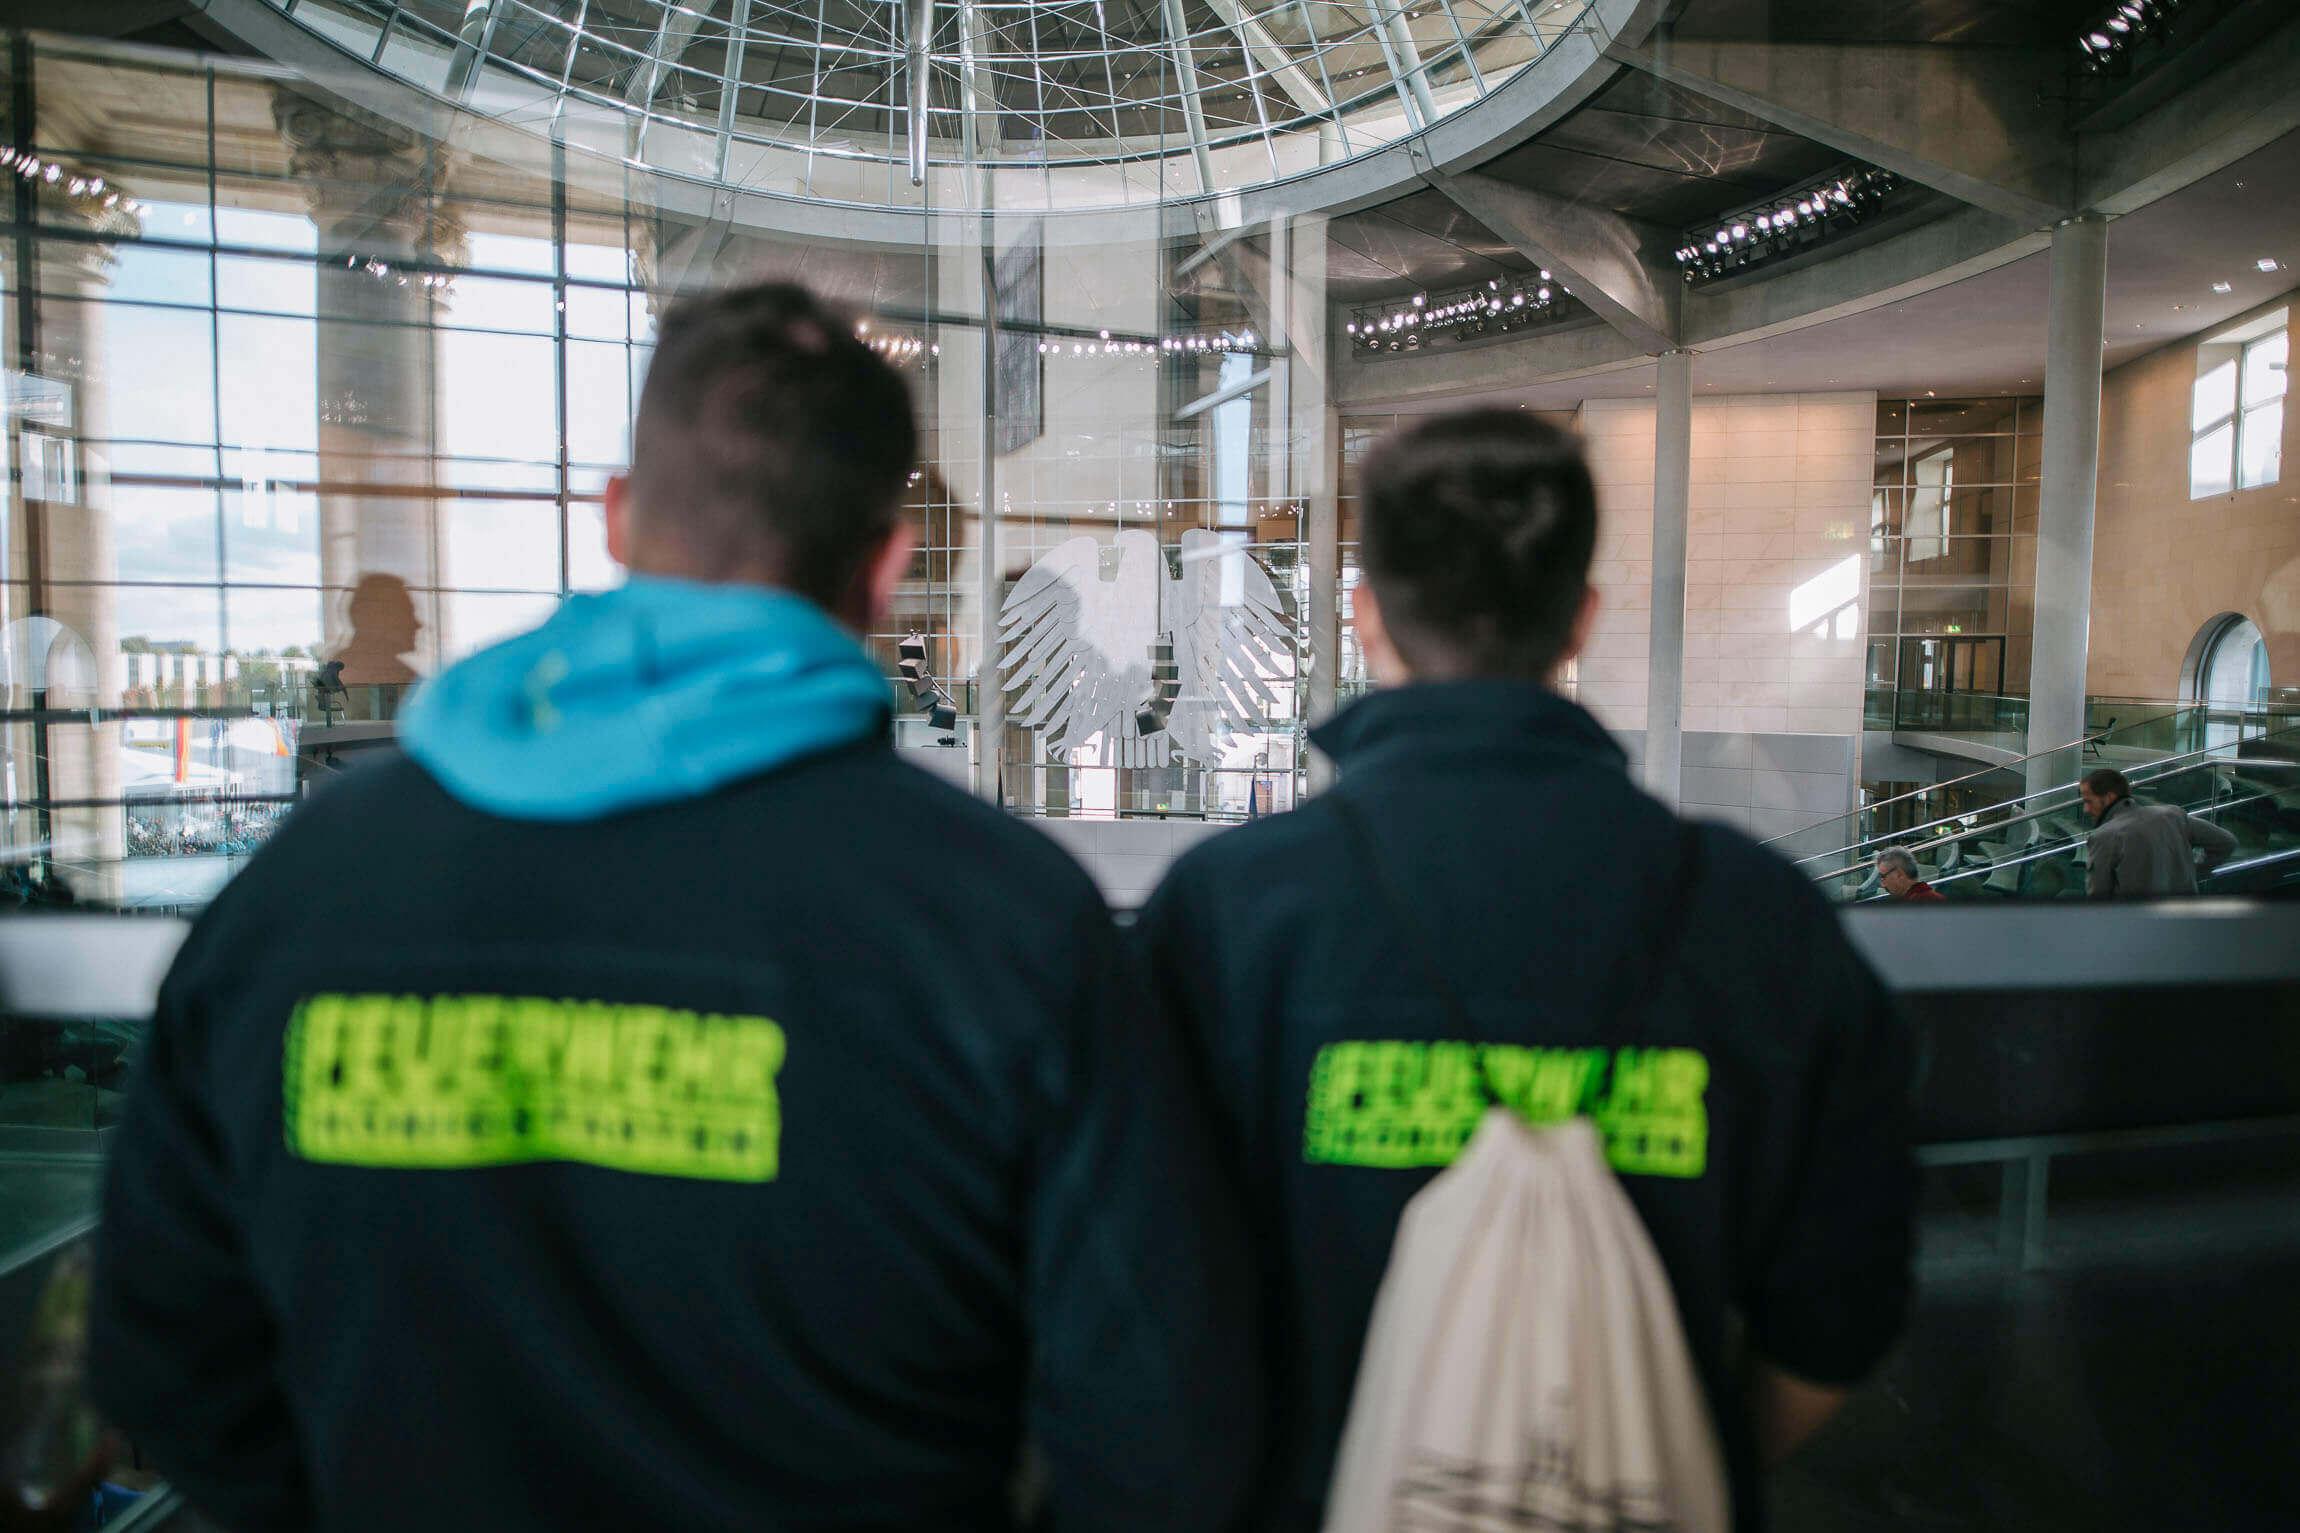 Jugendfeuerwehr Koenigstaedten Berlin 5